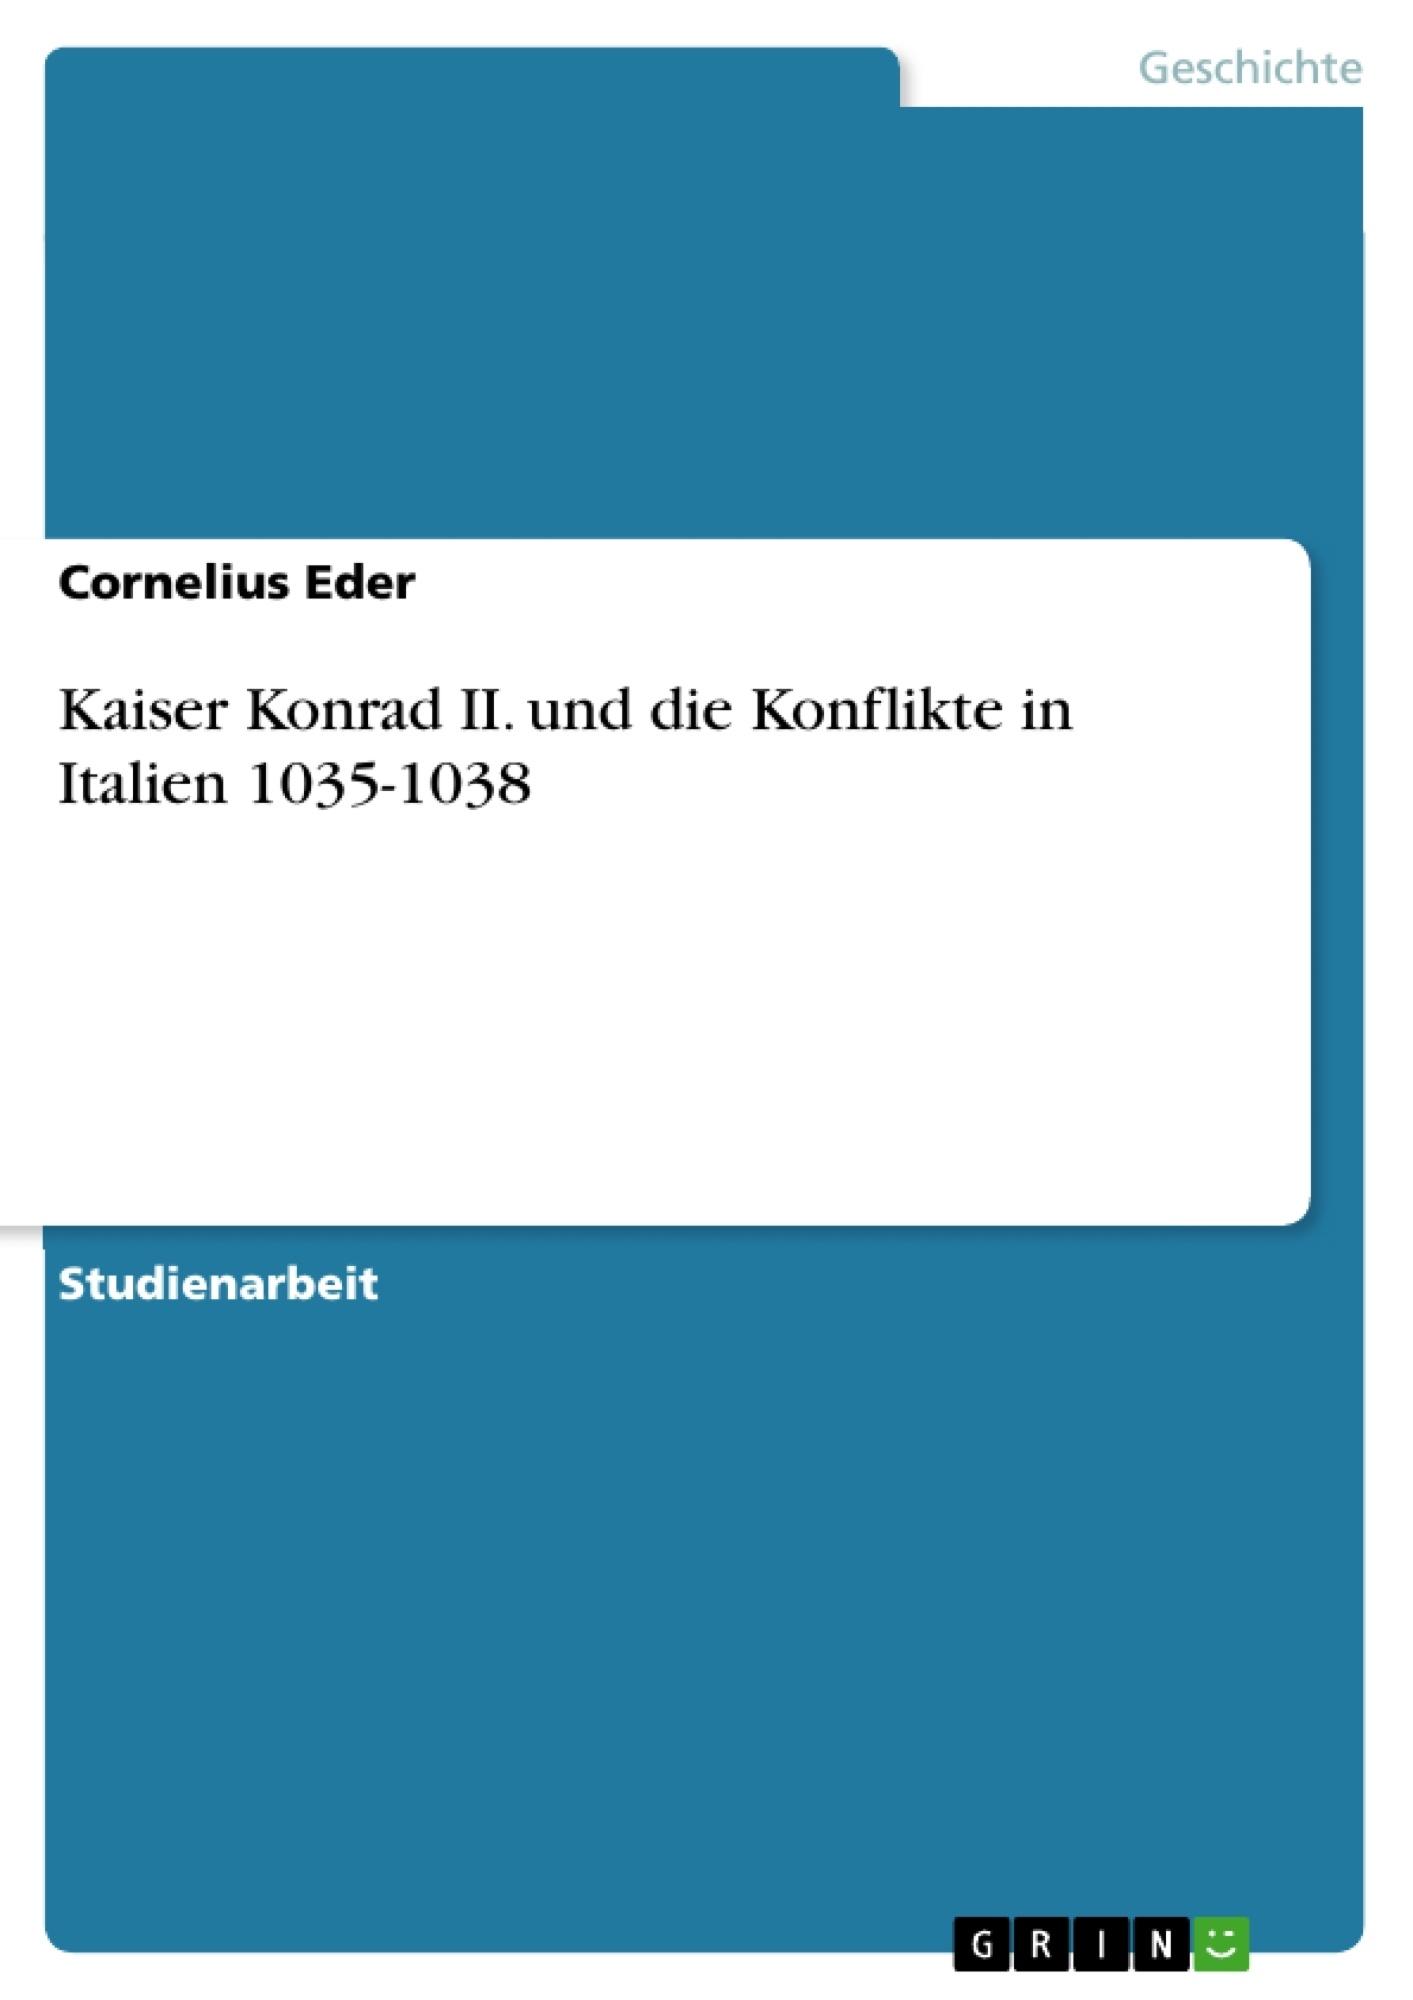 Titel: Kaiser Konrad II. und die Konflikte in Italien 1035-1038